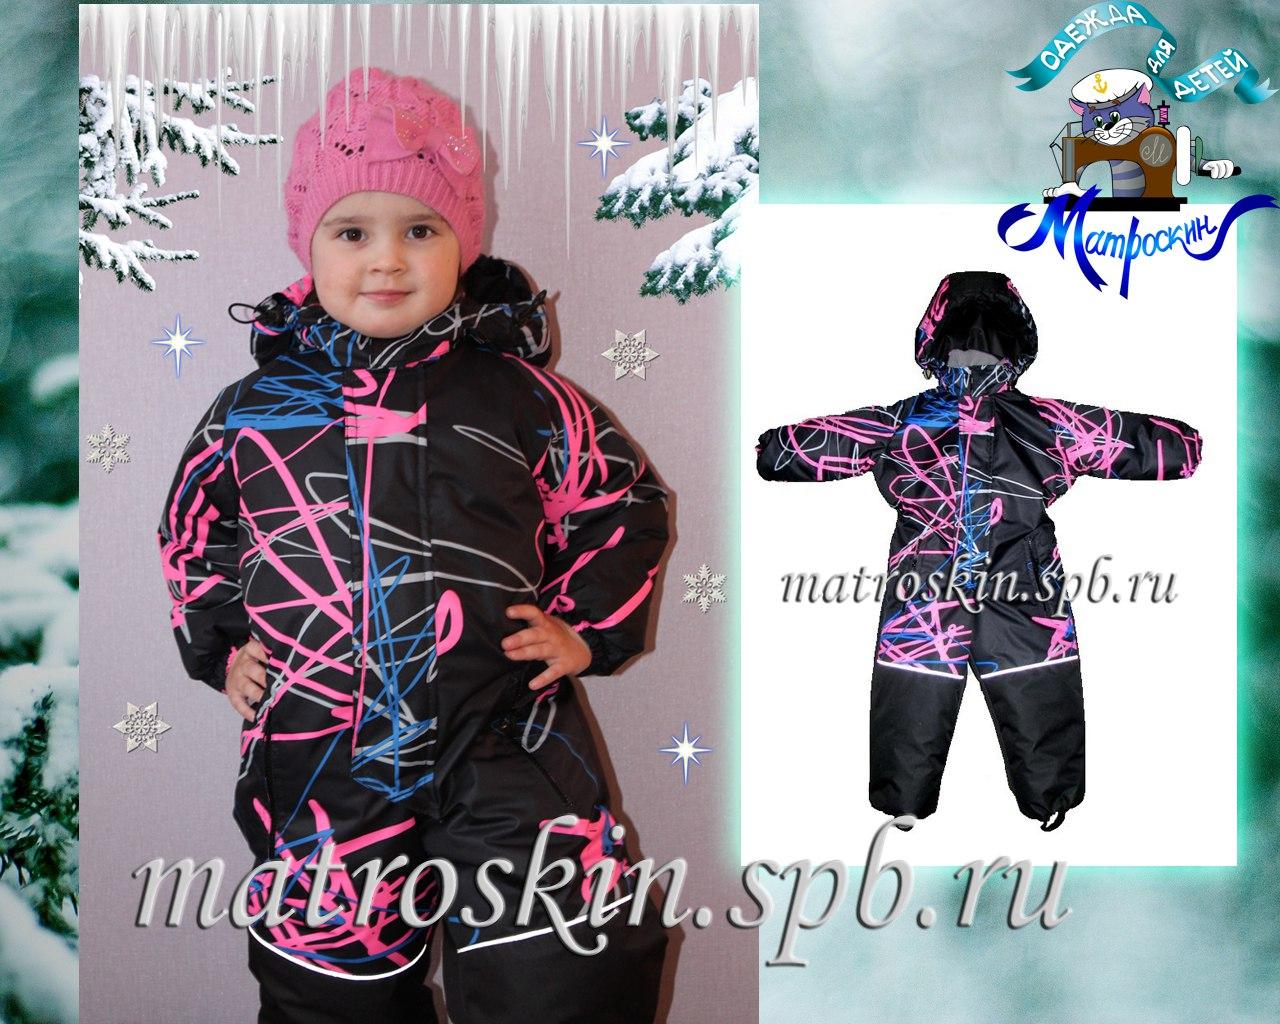 Сбор заказов. Утепляемся! Верхняя одежда для детей, цены от производителя. Мембранные костюмы, комбинезоны, куртки и штаны! Выкуп 11.